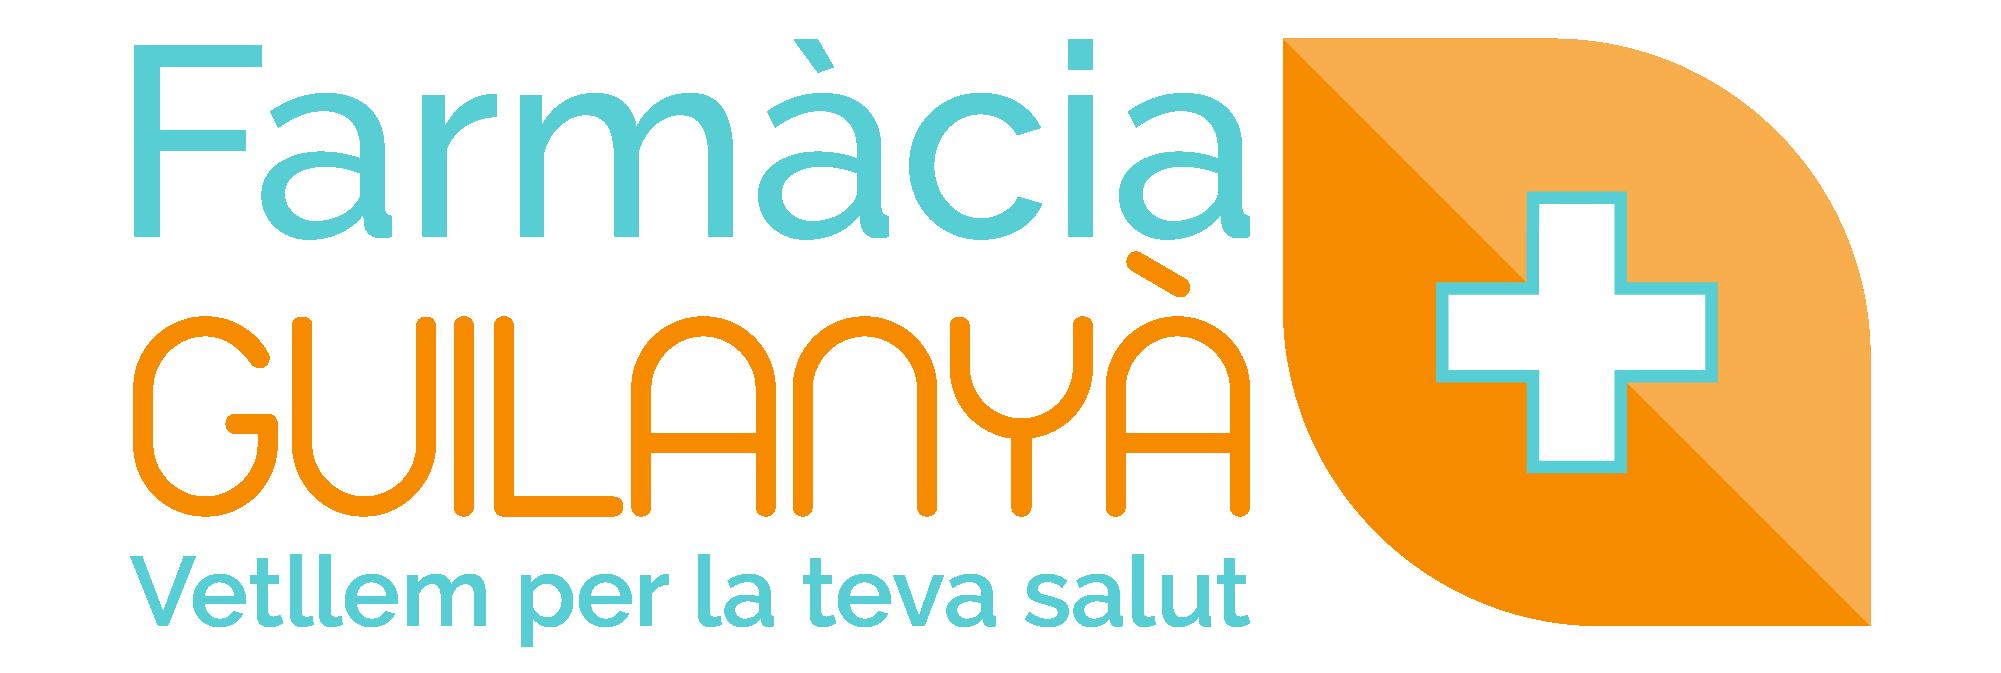 Farmàcia Guilanyà